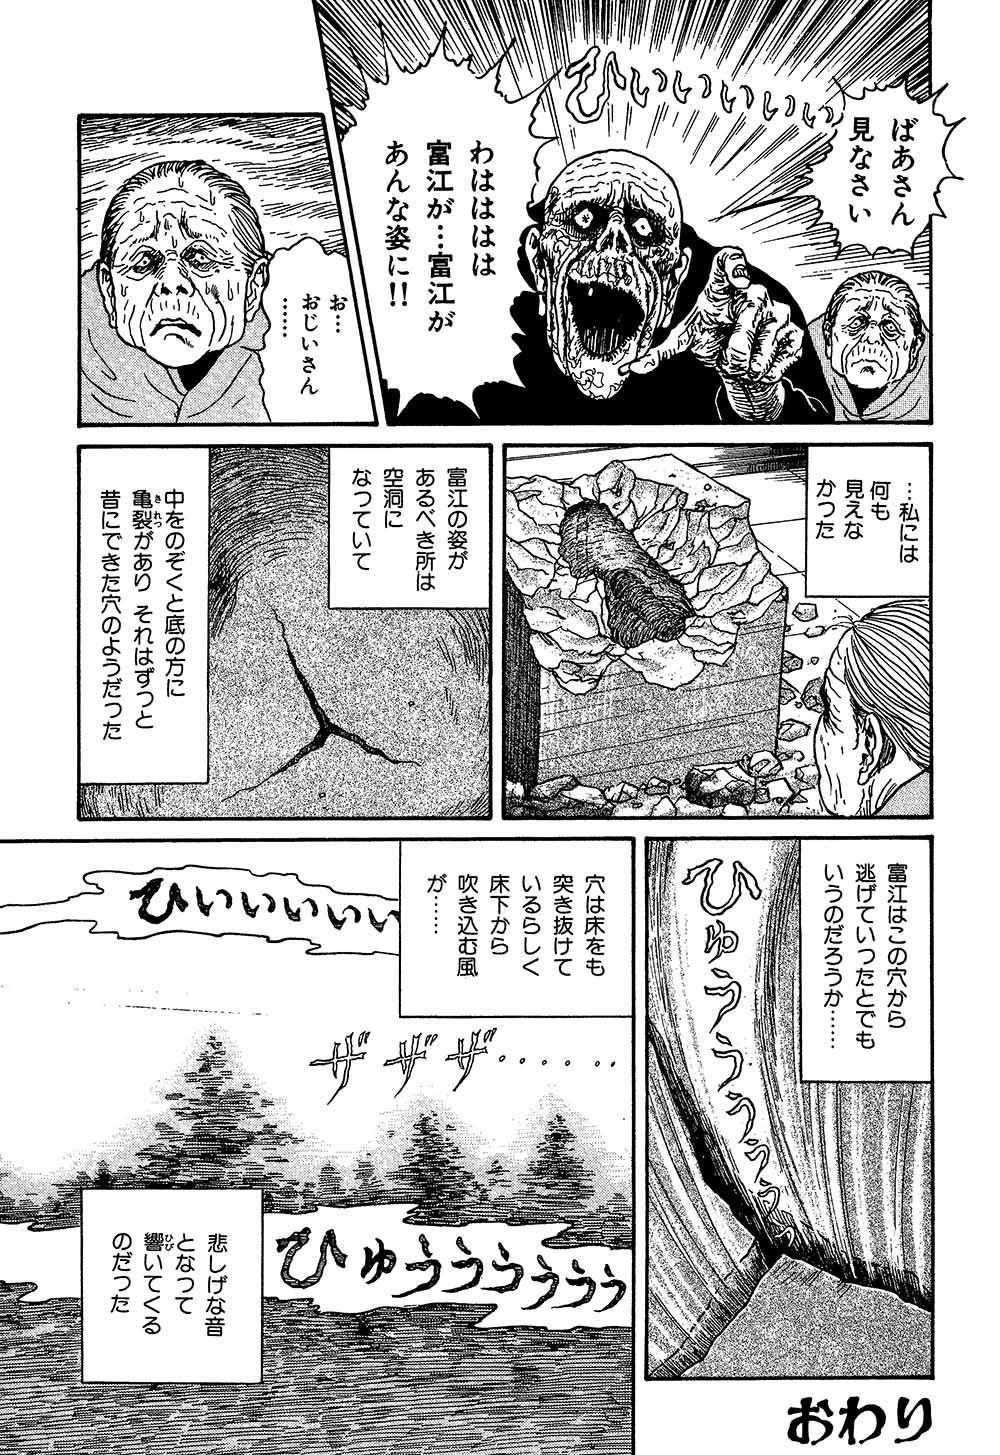 itouj_0002_0374.jpg